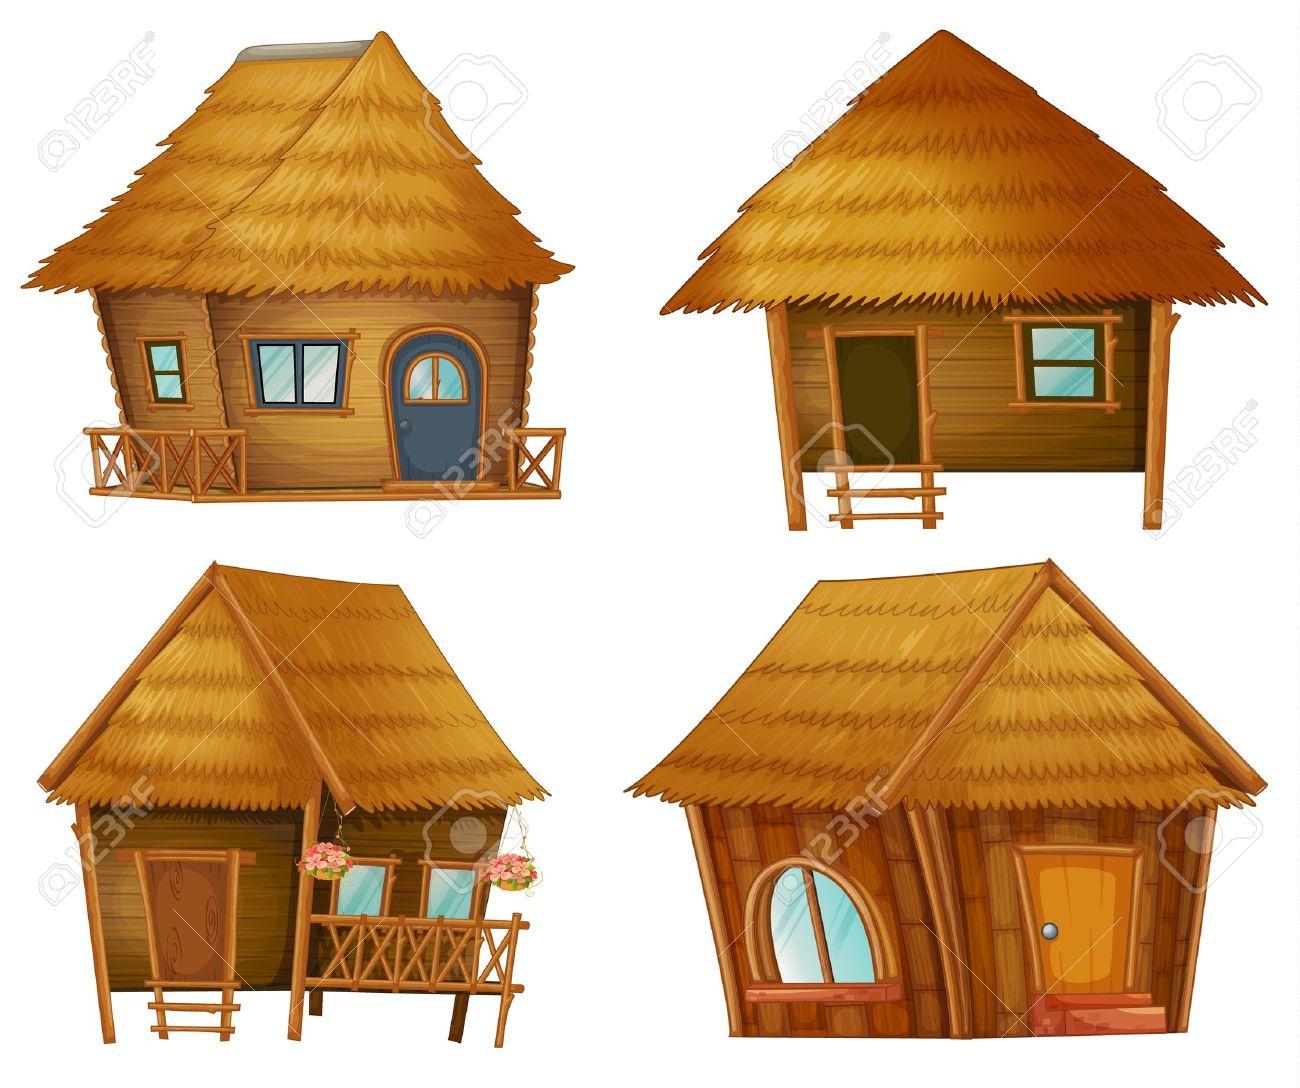 Illustraiton on huts on white background Stock Vector - 13494262